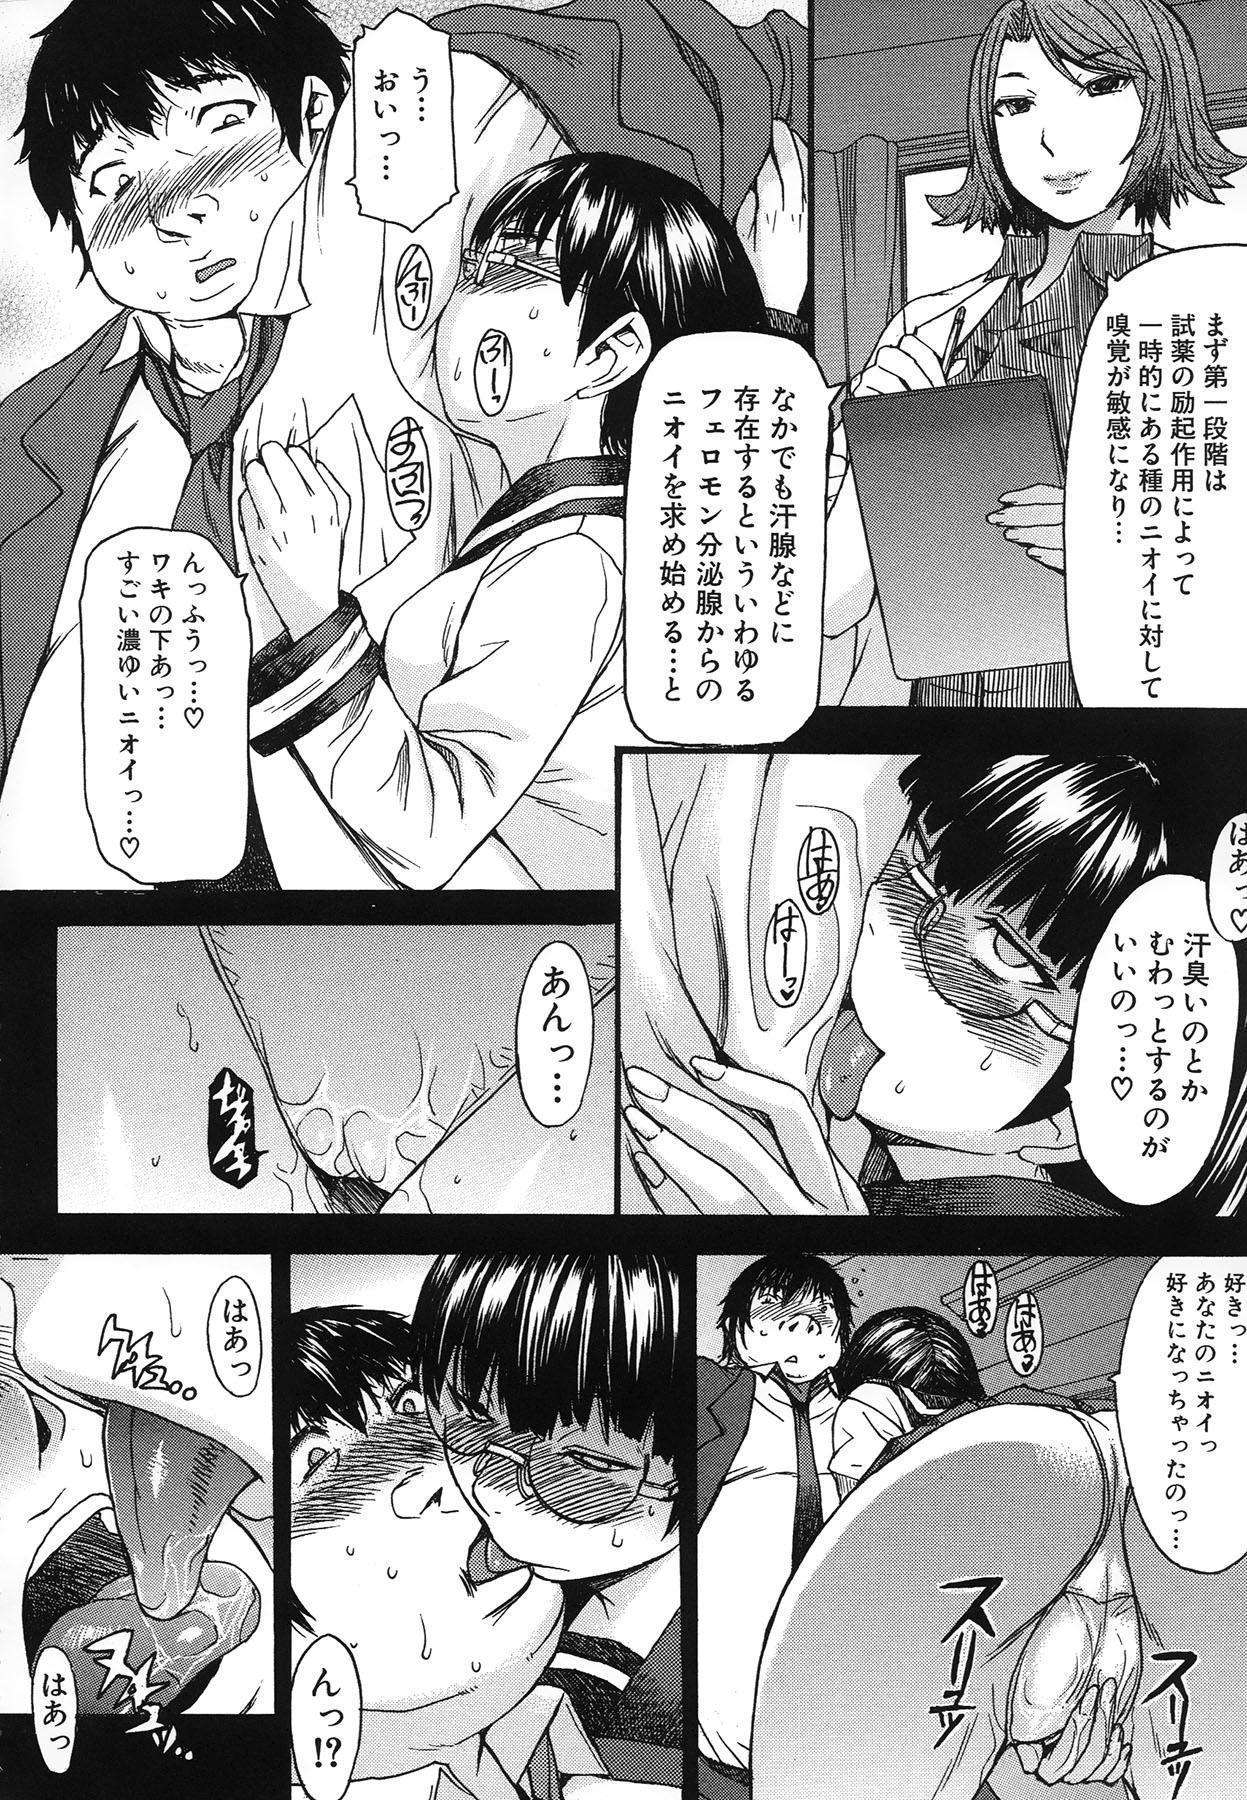 Ashigami 127